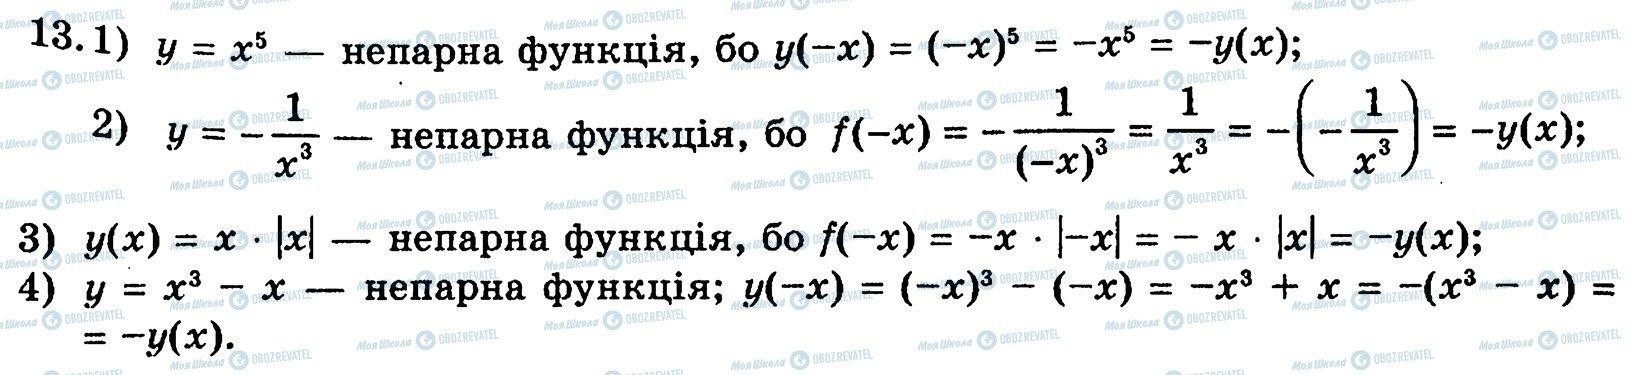 ГДЗ Алгебра 10 класс страница 13